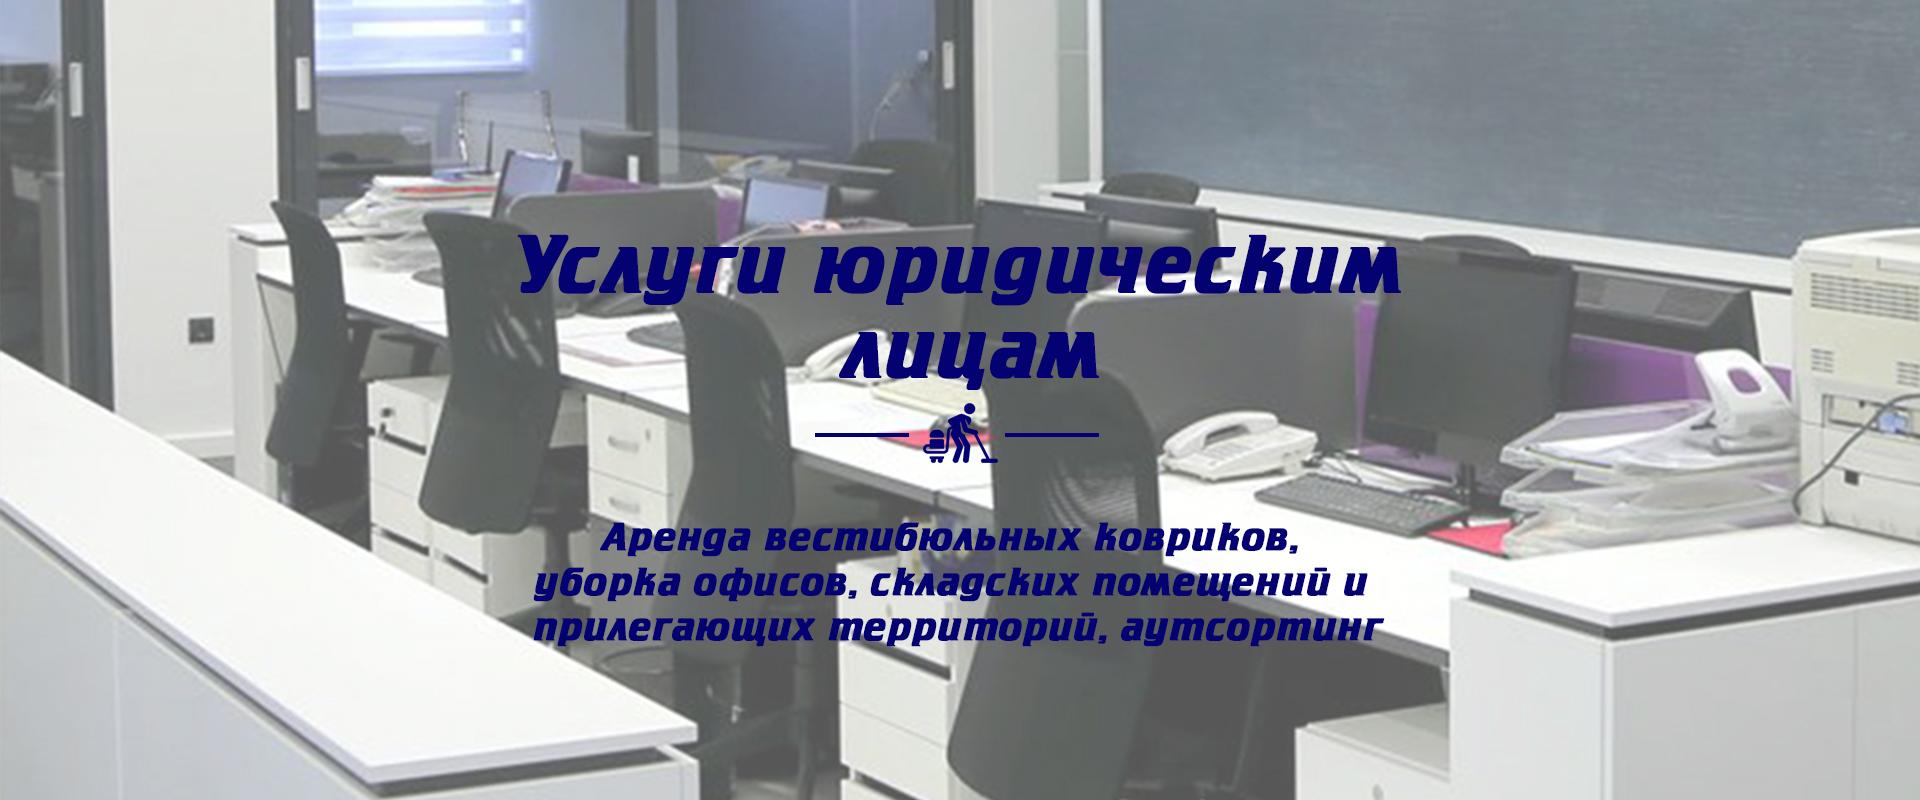 юр.лицам